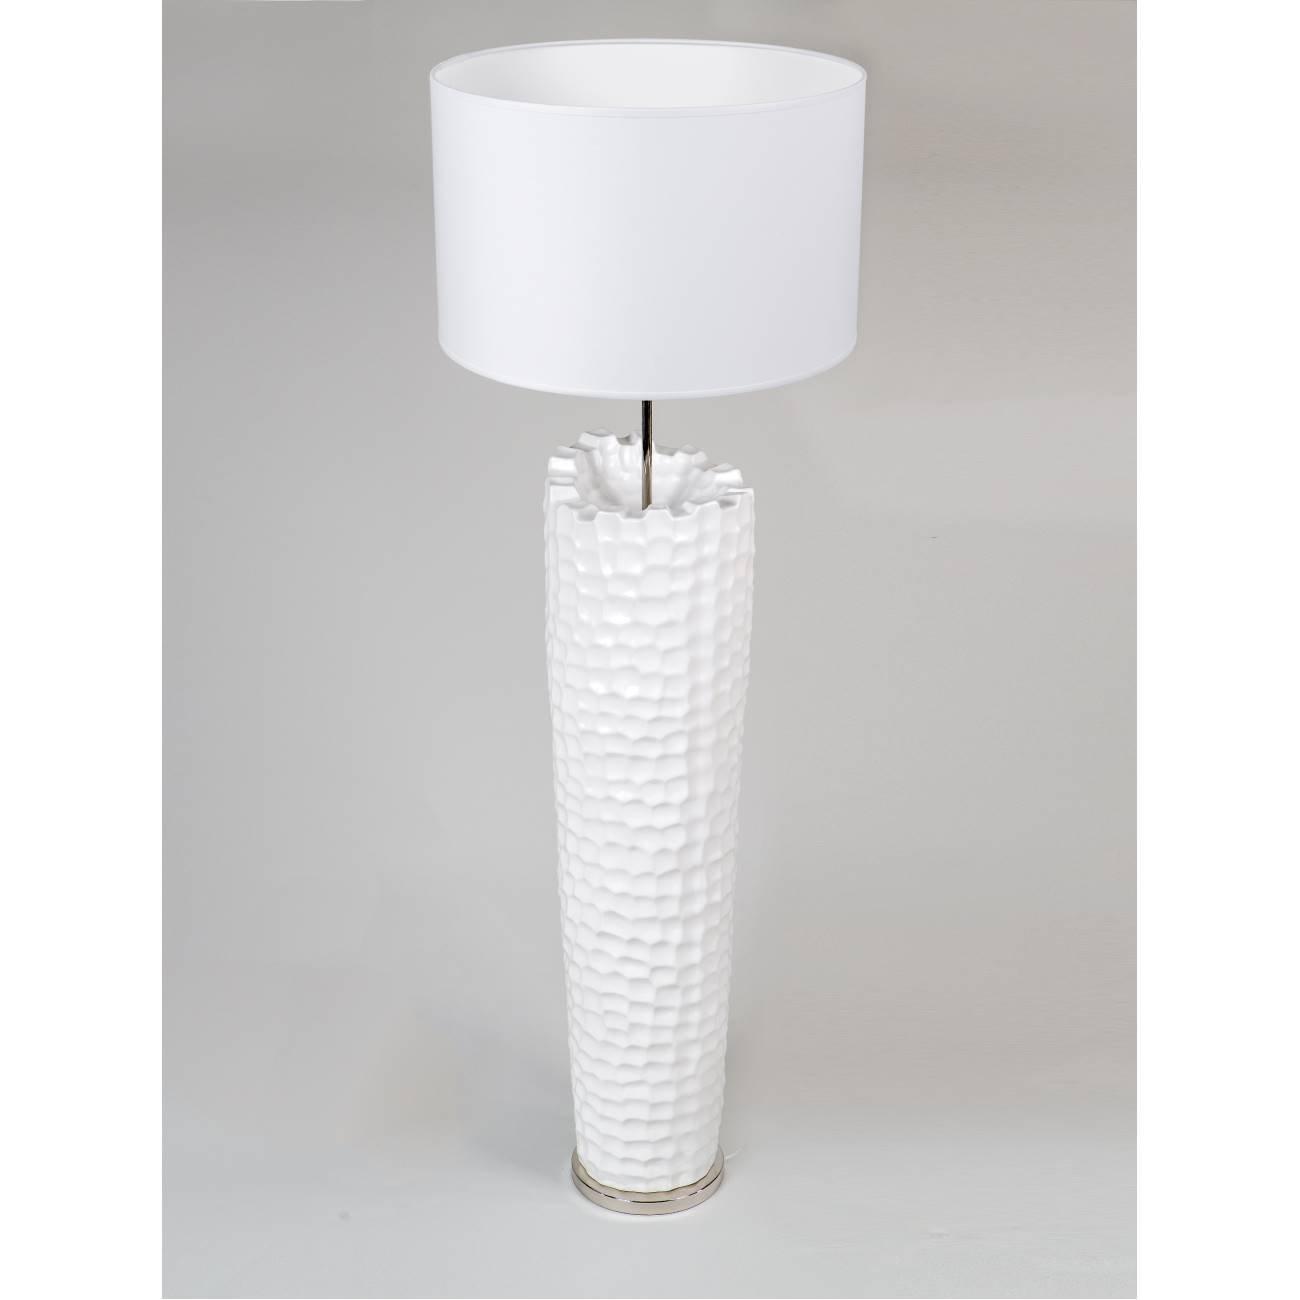 Bodenlampe - Stehleuchte MURANO H. 145cm weiß Keramik Formano